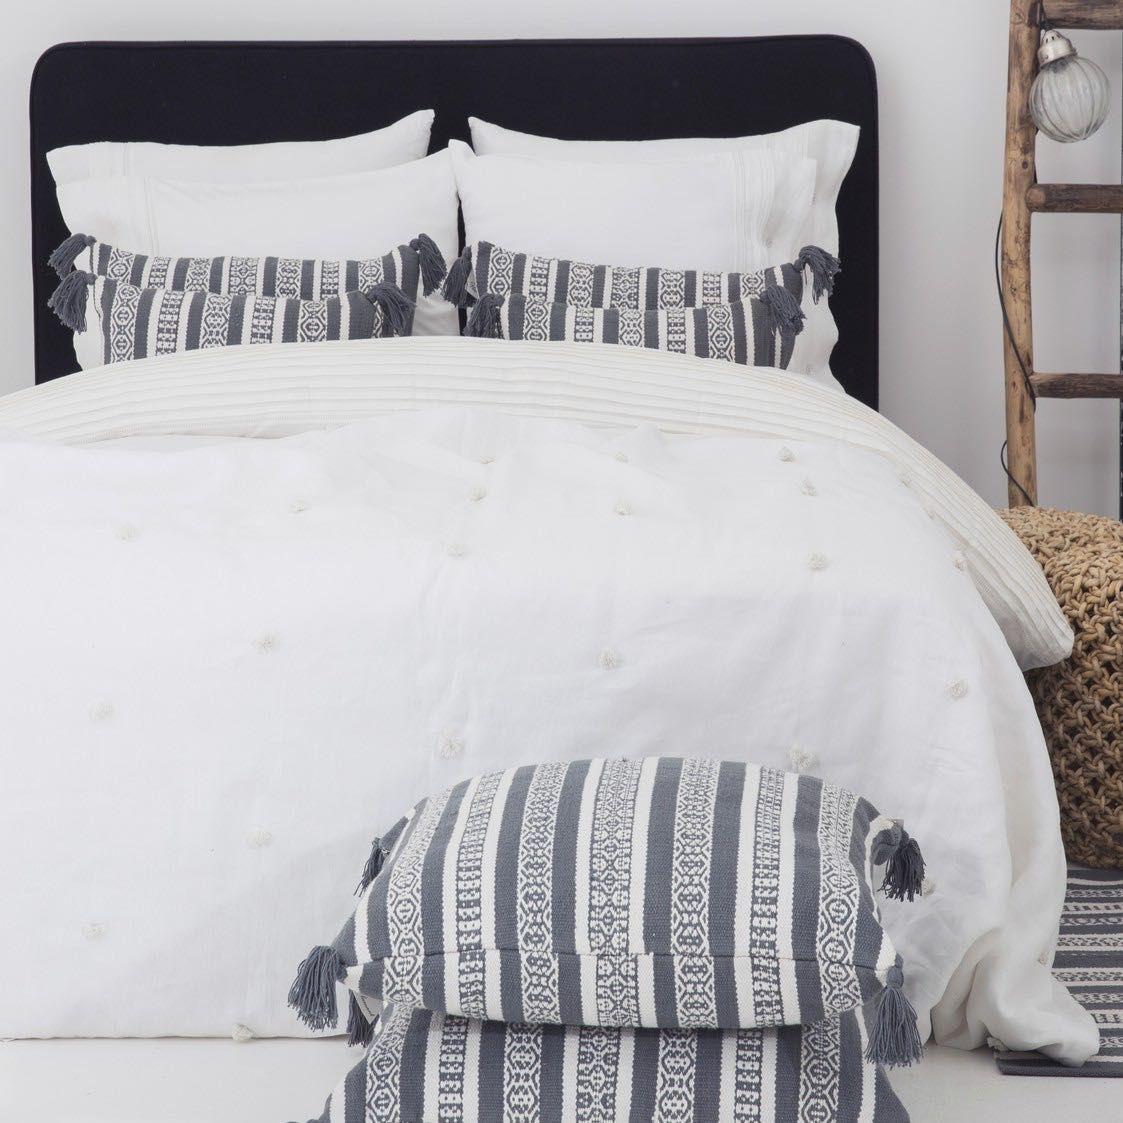 Die Schone Bettwasche Chic Von Flamant Wird Aus Weichem Tencel